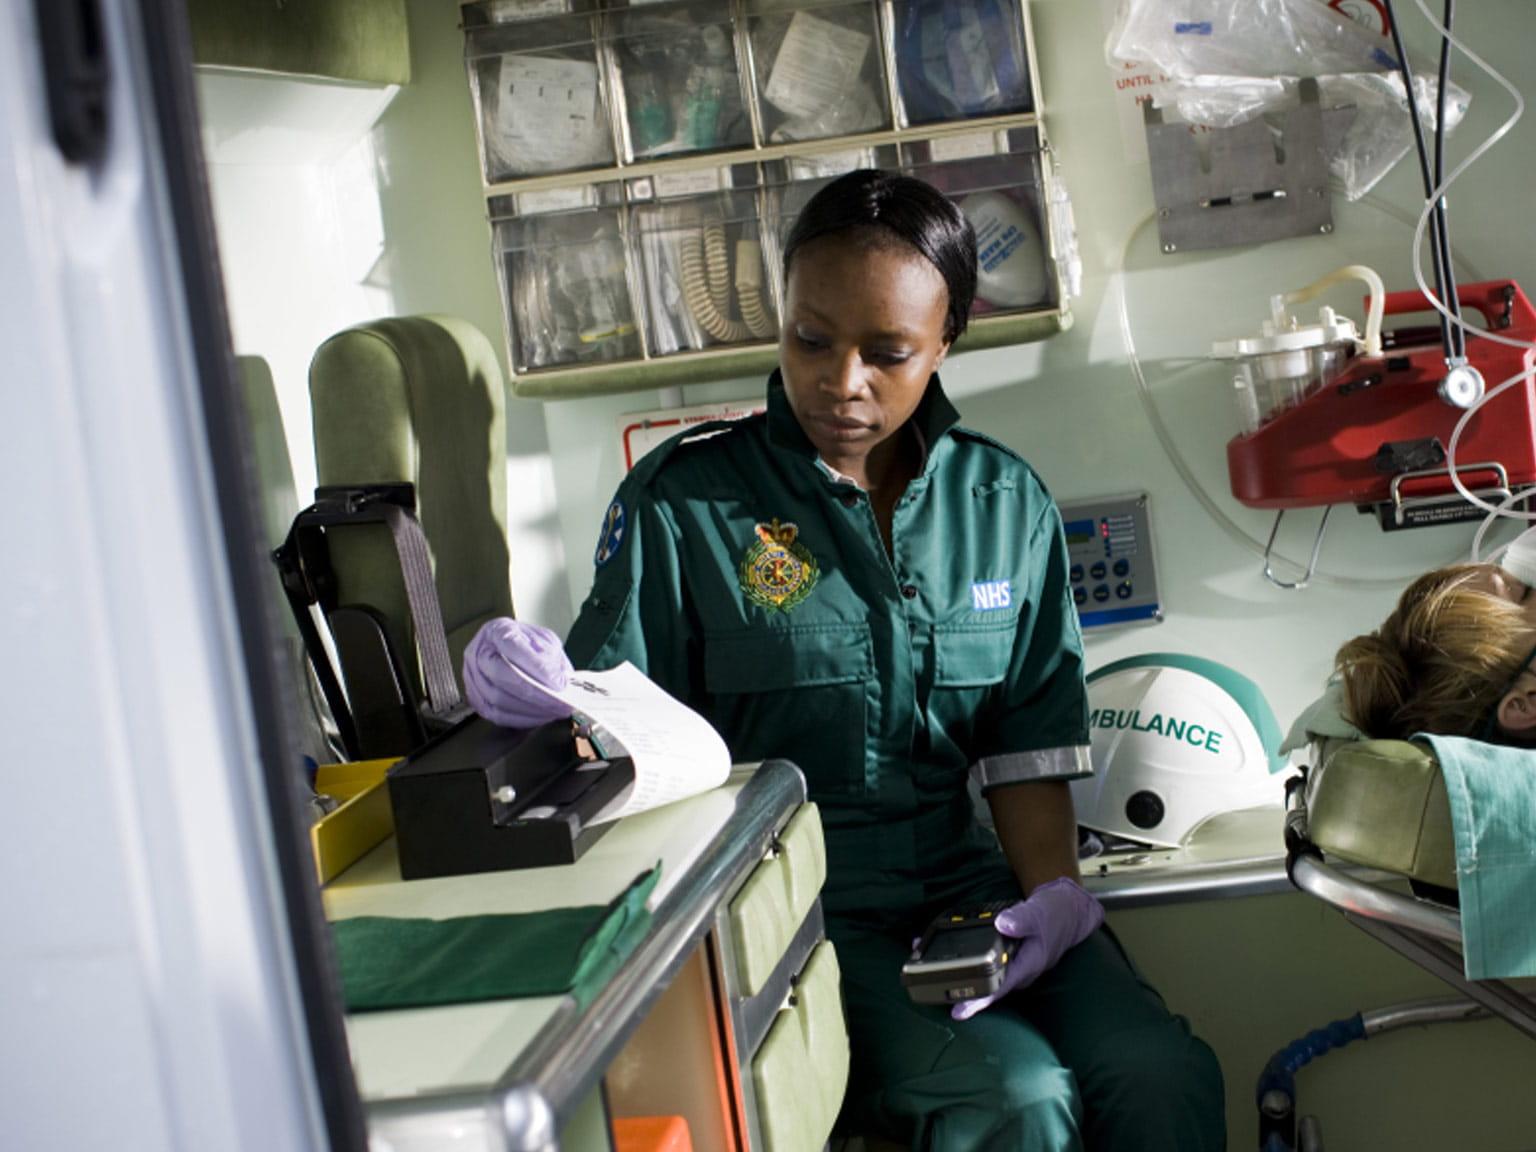 PJ tiskne dokument v ambulanci